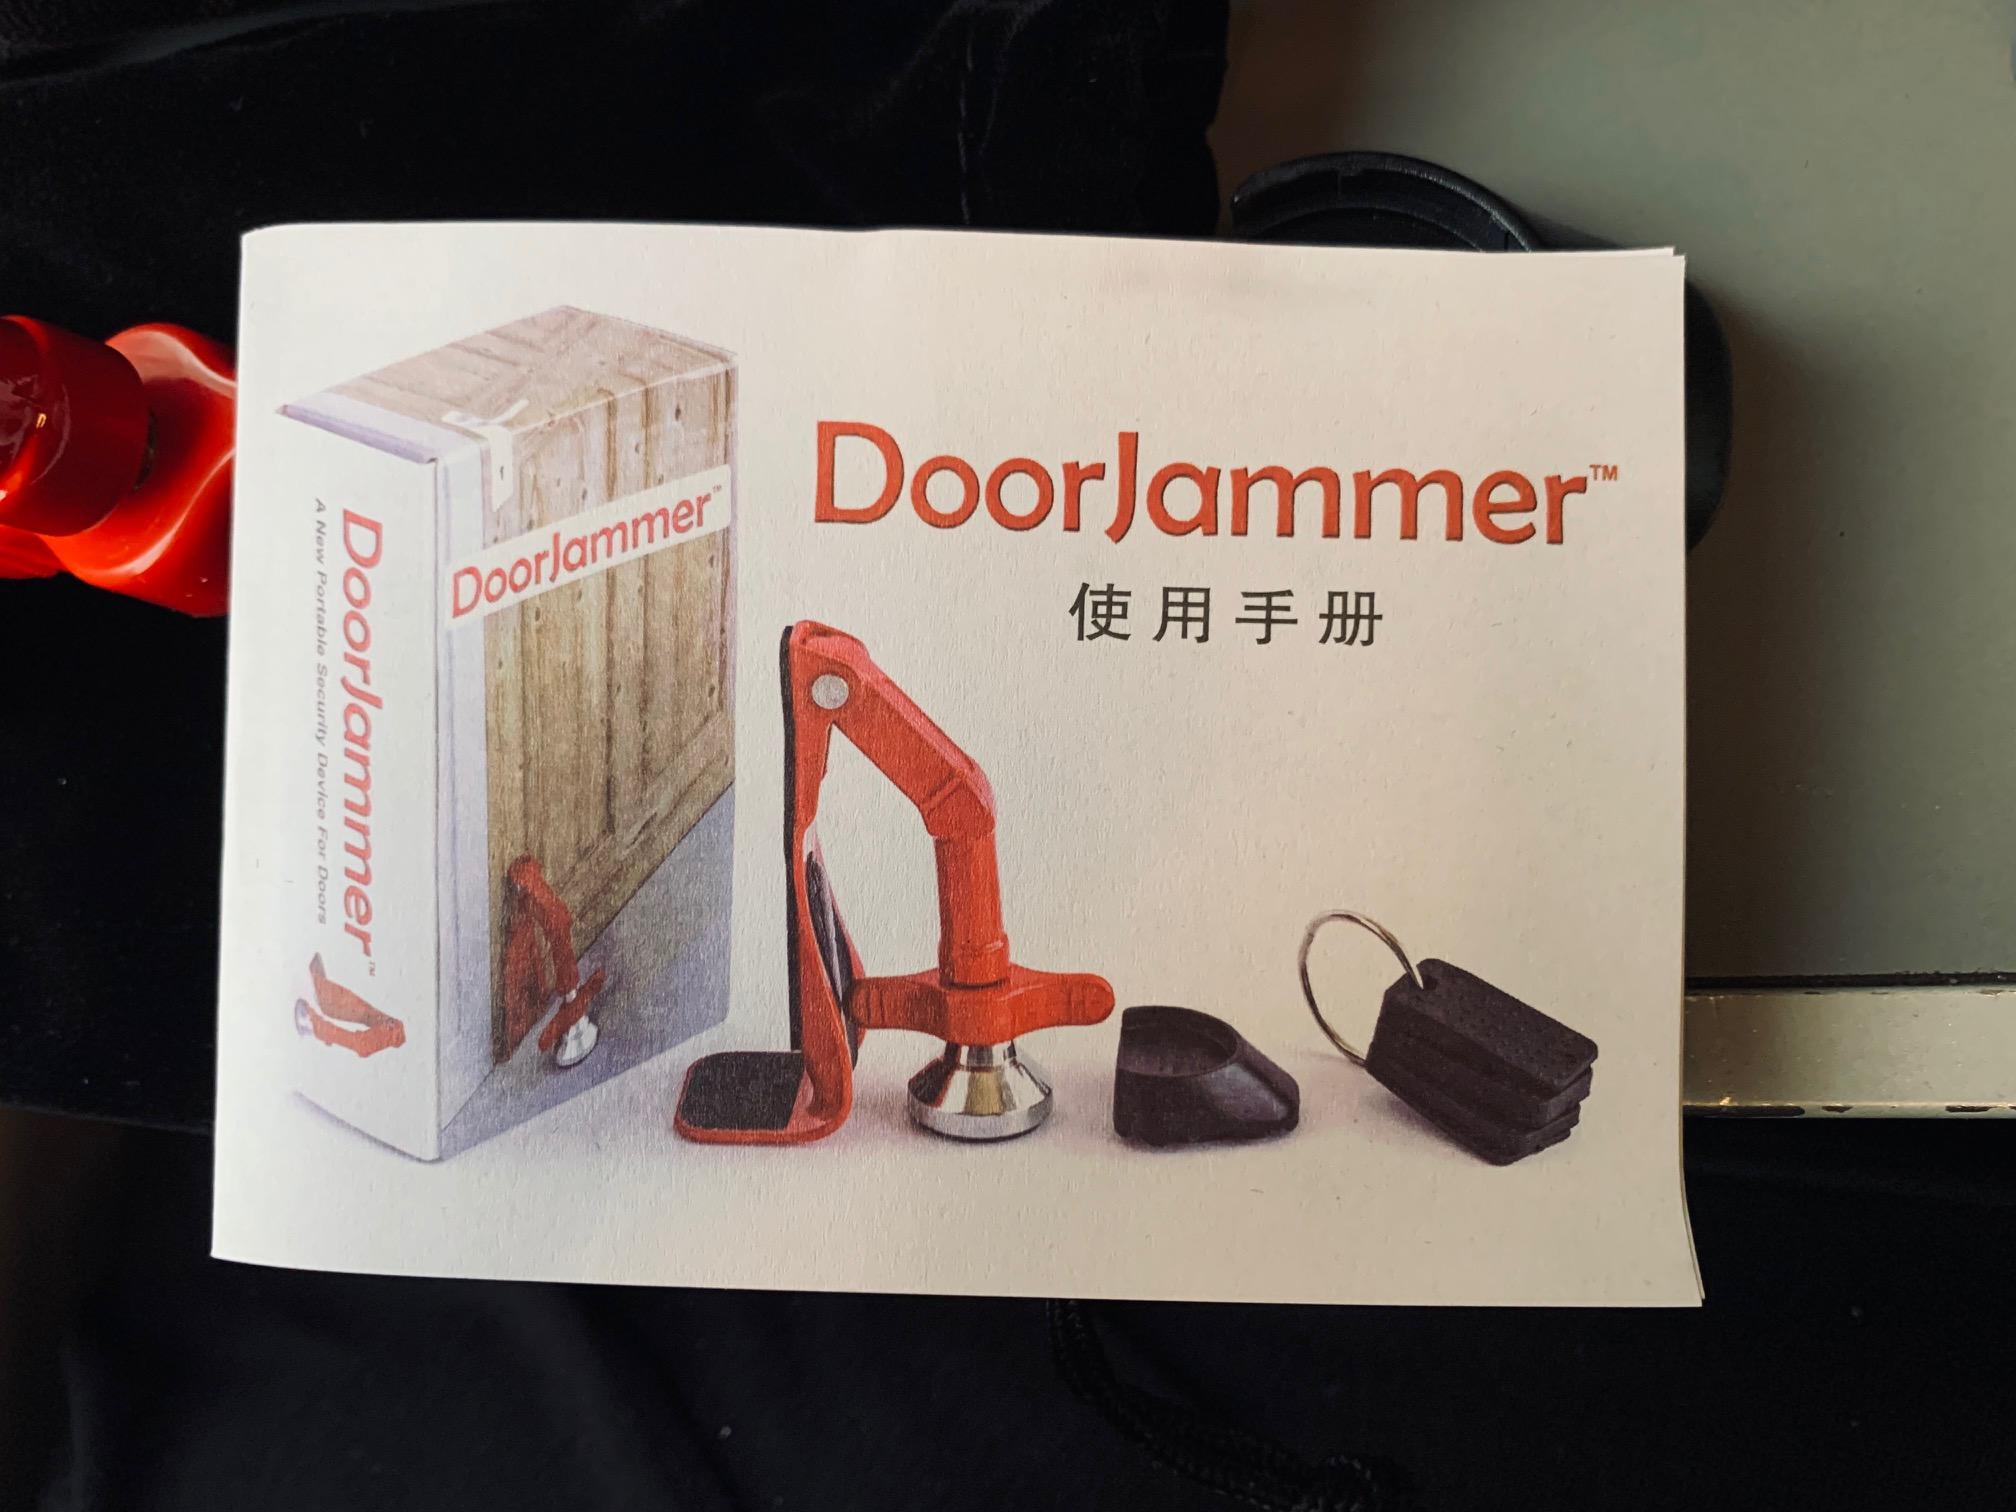 Doorjammer Broschüre (c) DoorJammer TM